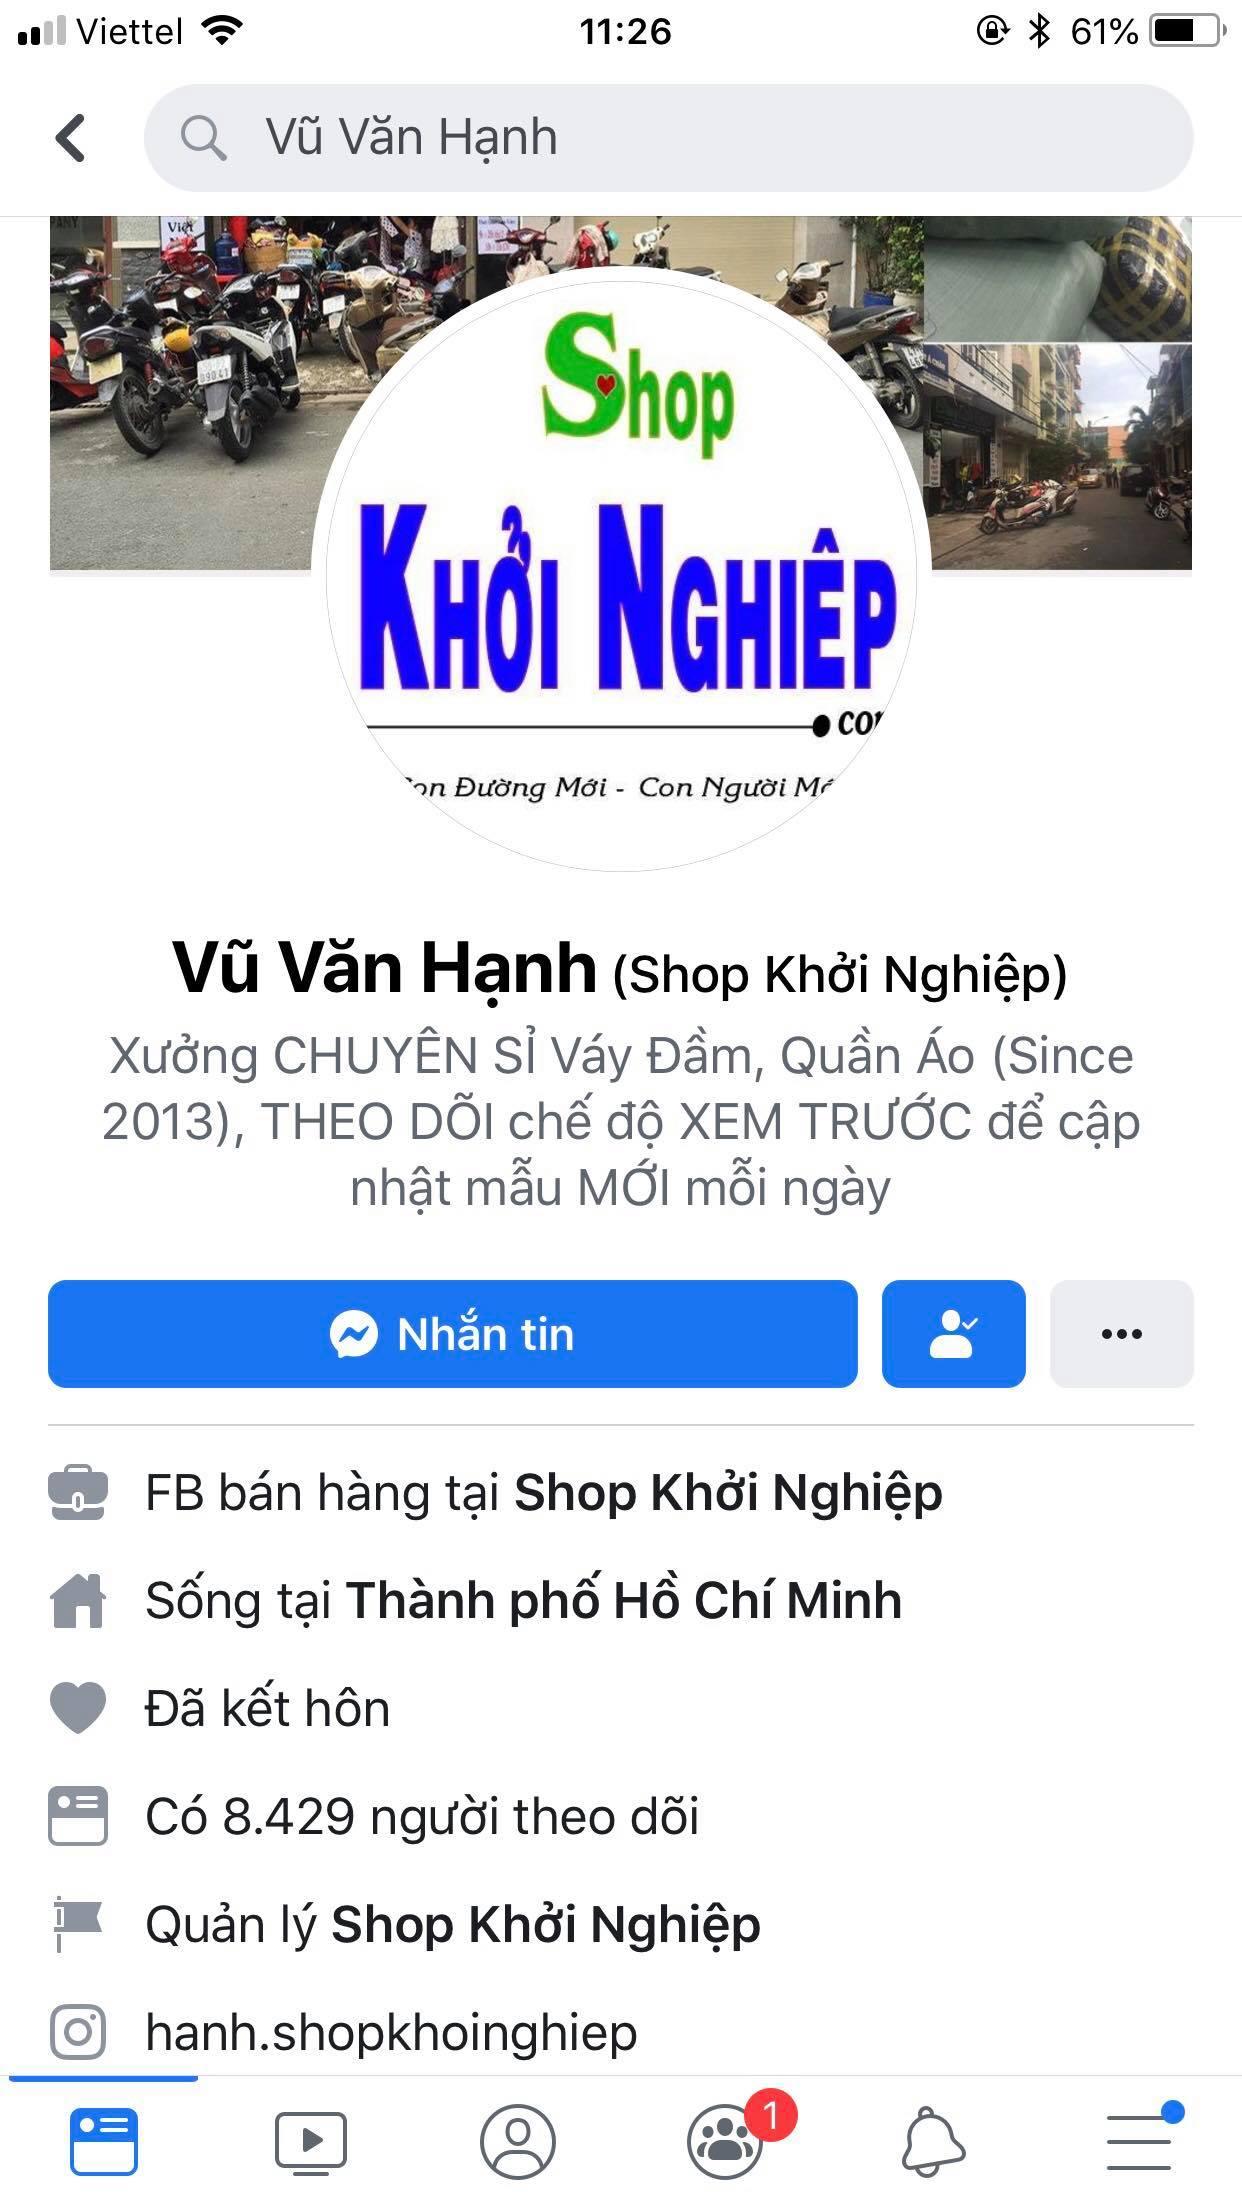 fb vu van hanh shop khoi nghiep